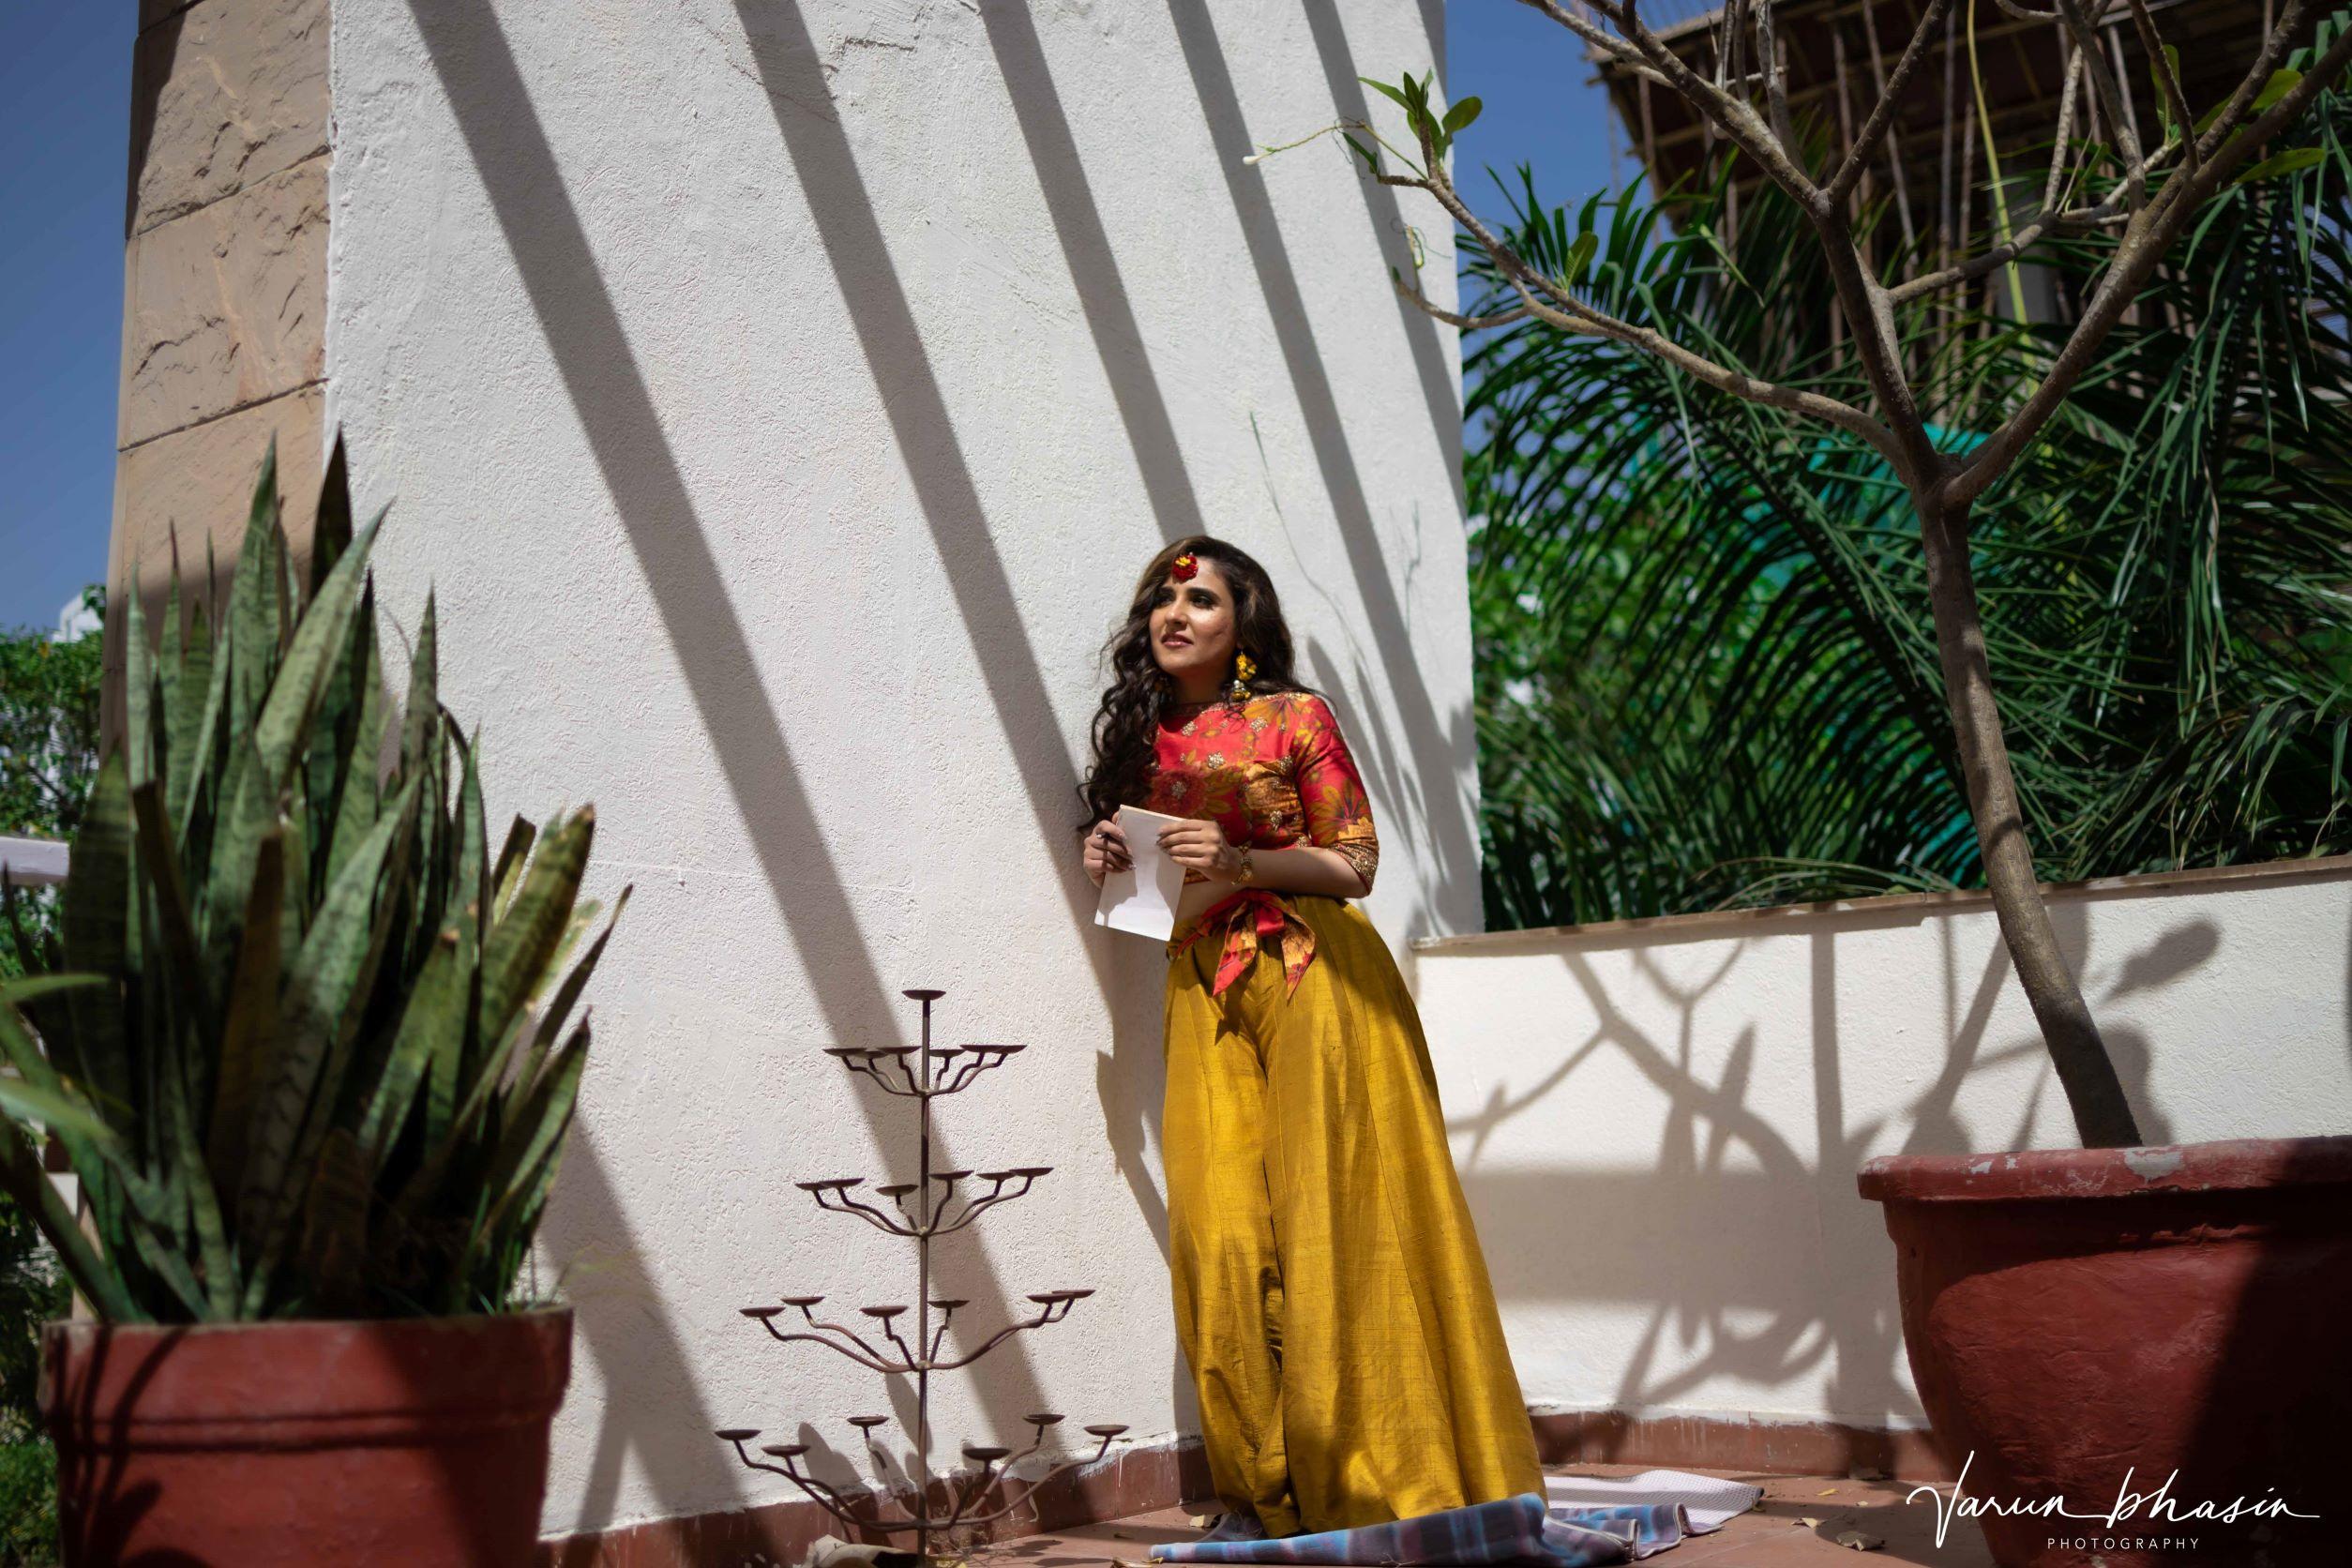 outdoor shot of the bride